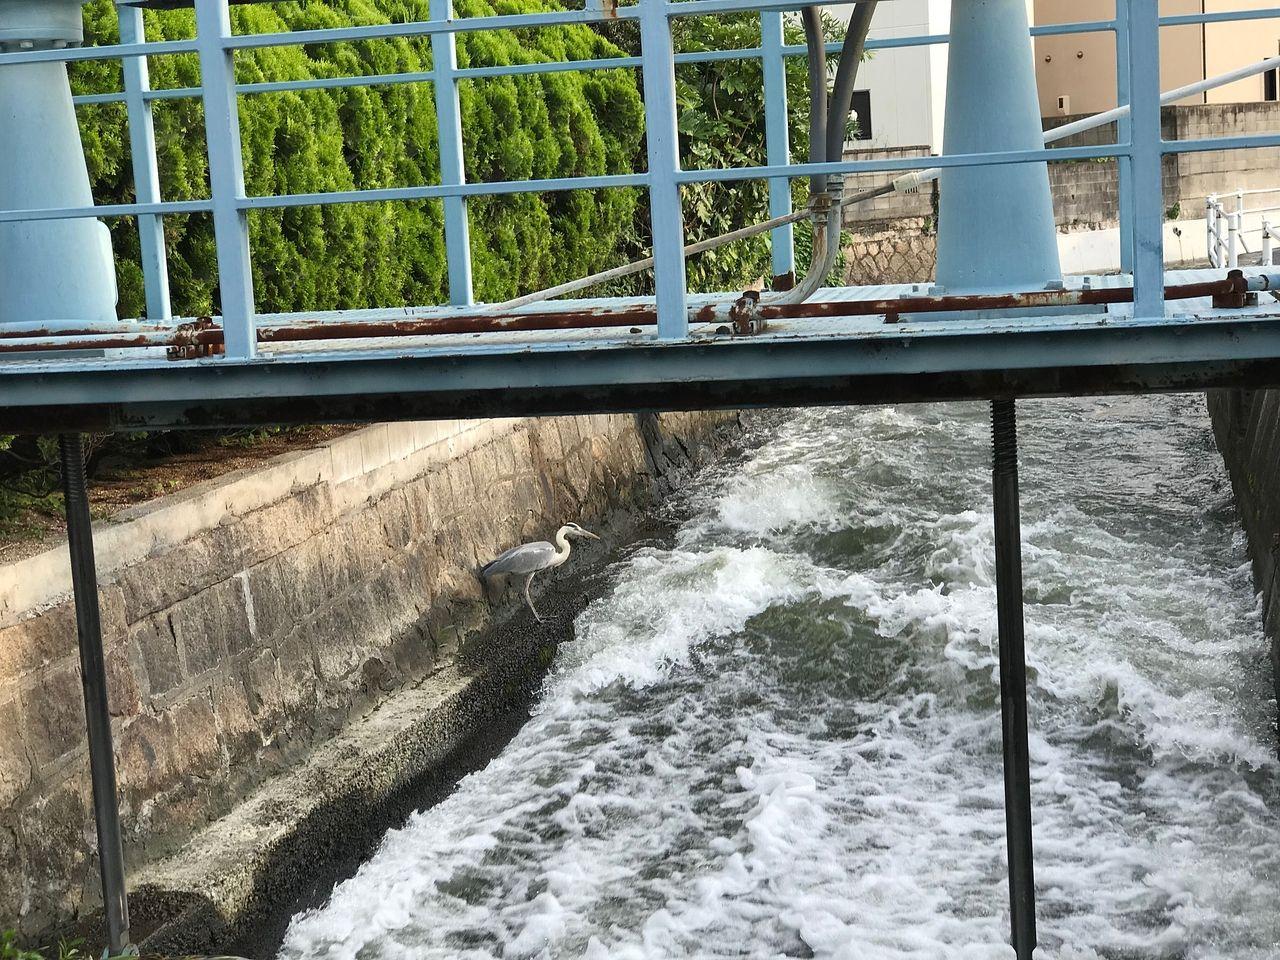 涼を生む水辺の風景--梅雨どき--